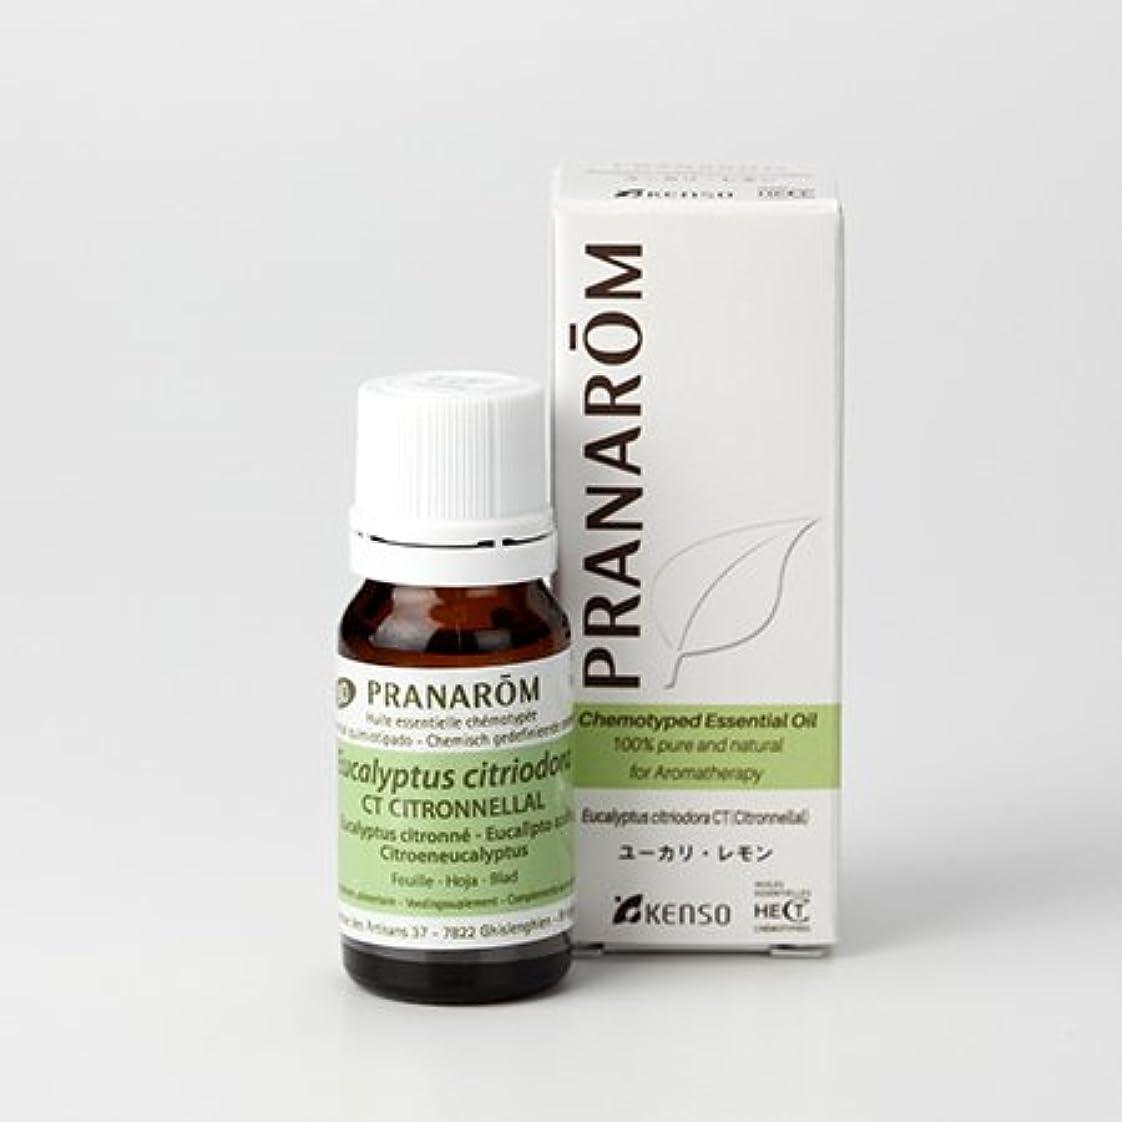 ガード話すアスペクトプラナロム ( PRANAROM ) 精油 ユーカリ?レモン 10ml p-65 ユーカリレモン